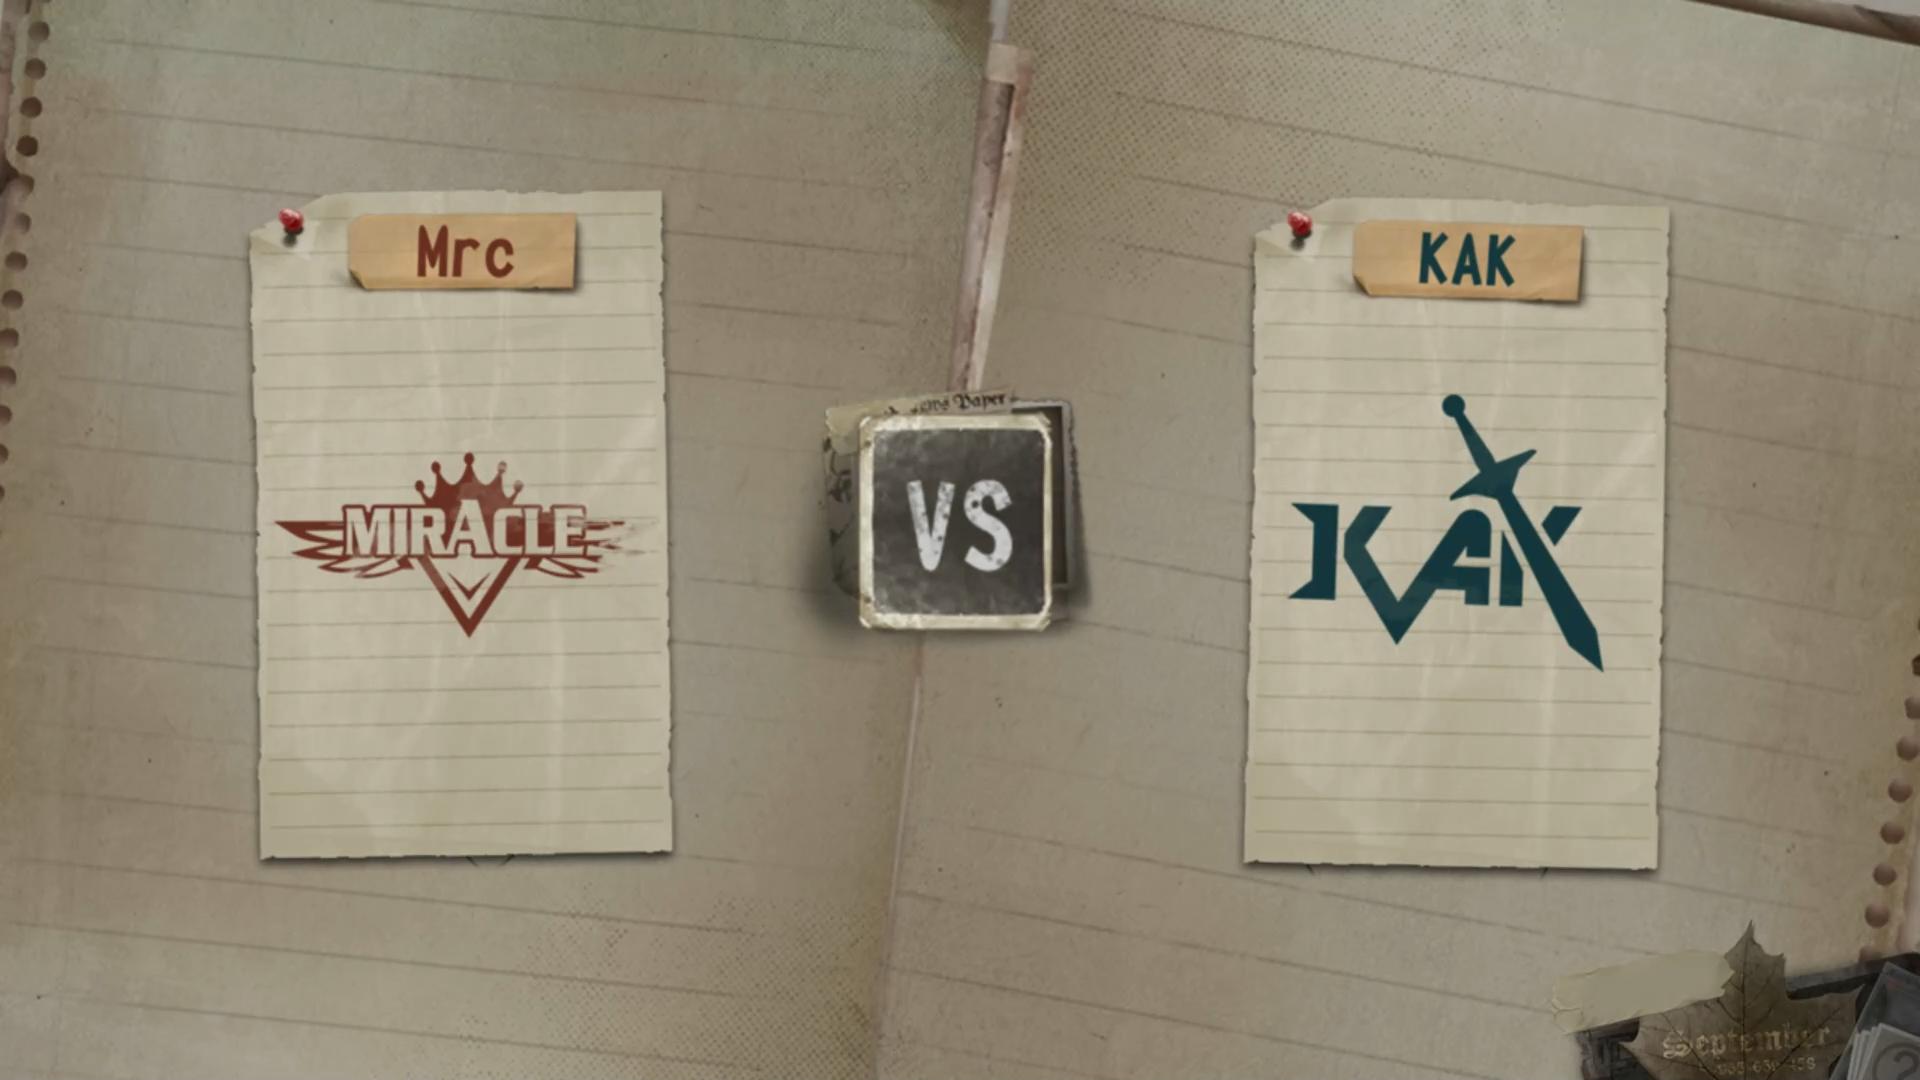 7月26日 小组赛 KAK VS Mrc